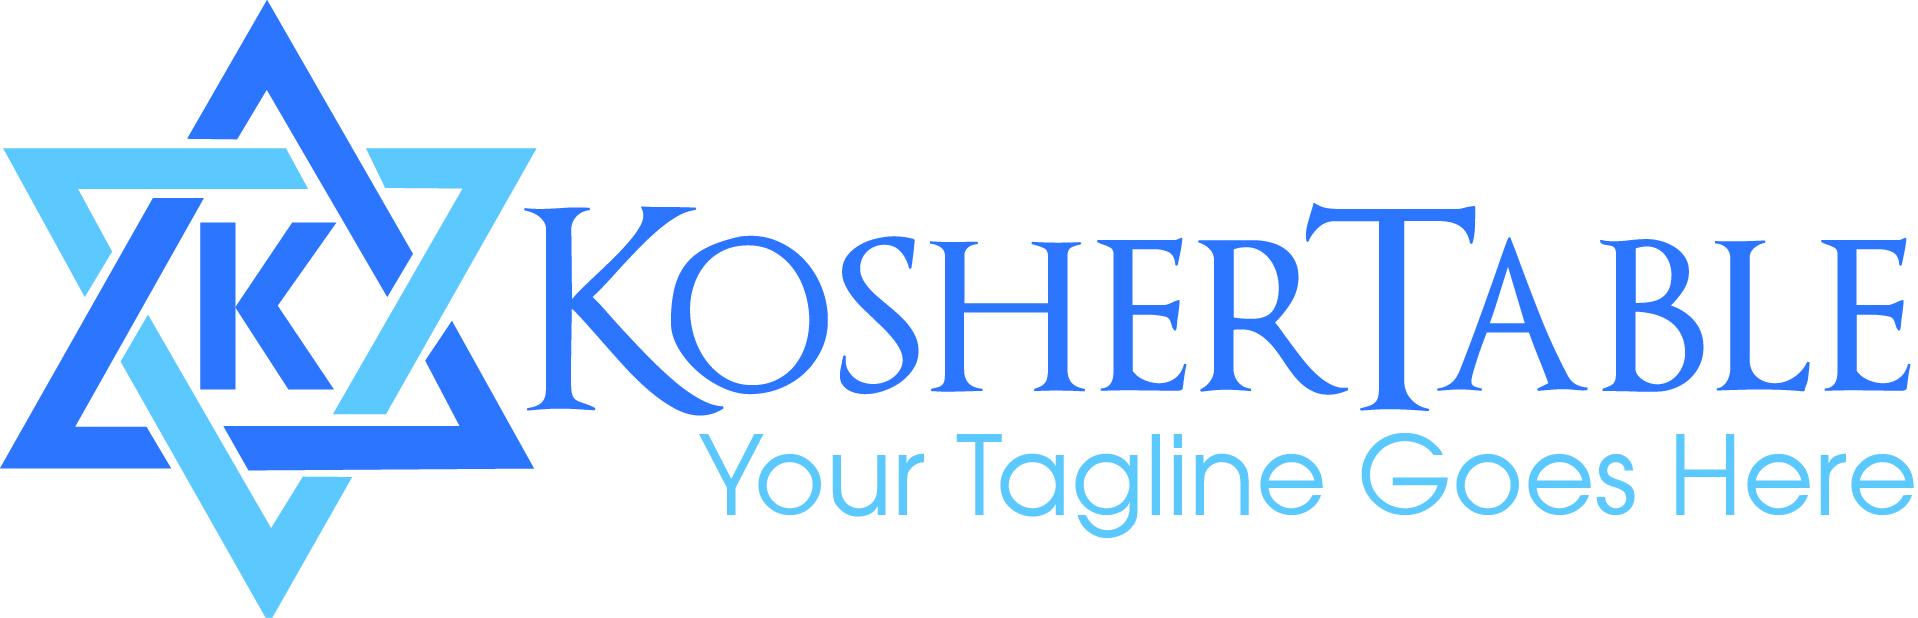 KosherTable